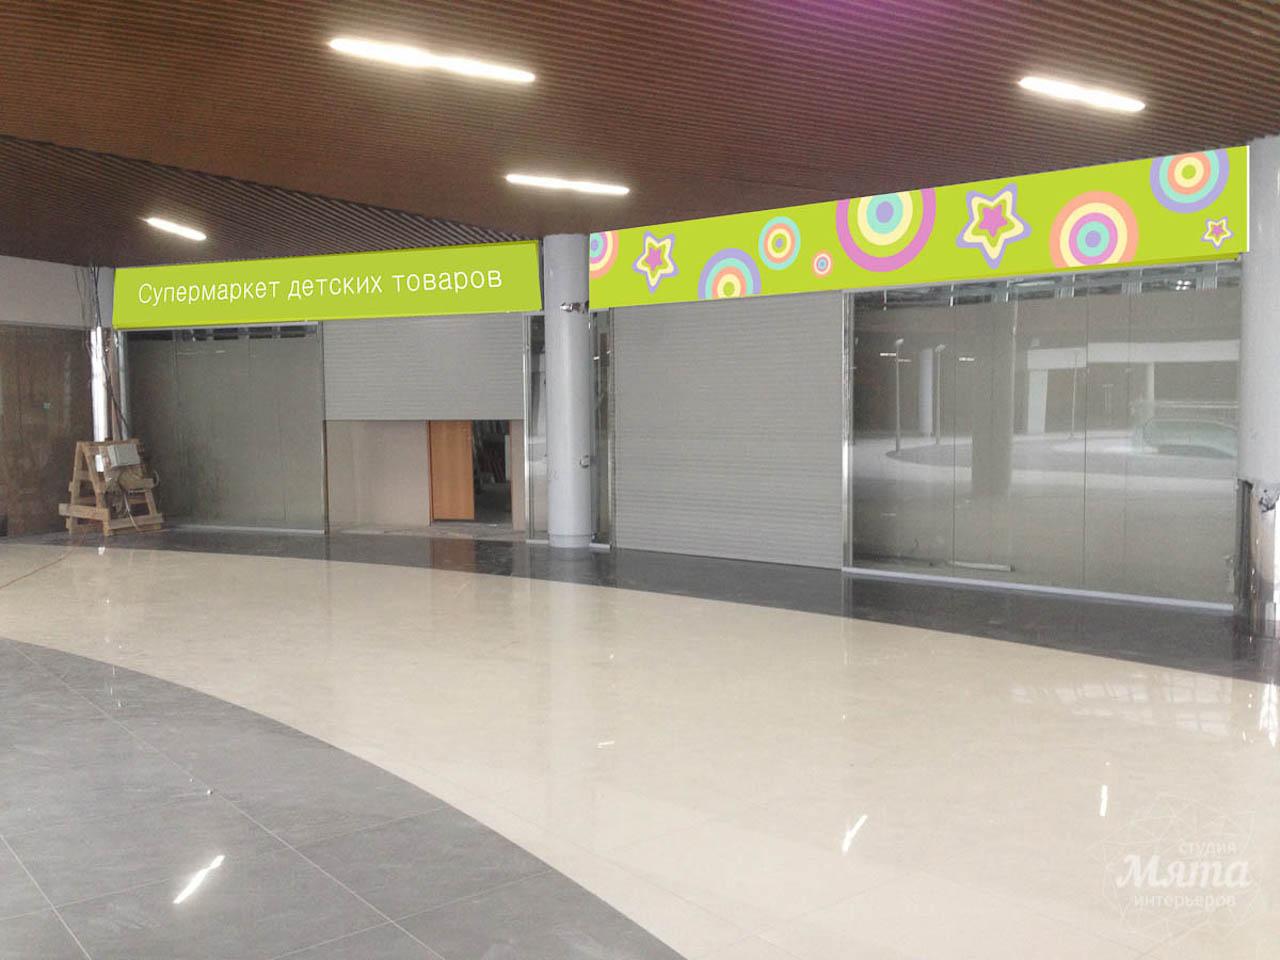 Дизайн интерьера и ремонт детского гипермаркета по ул. Щербакова 4 img787016999